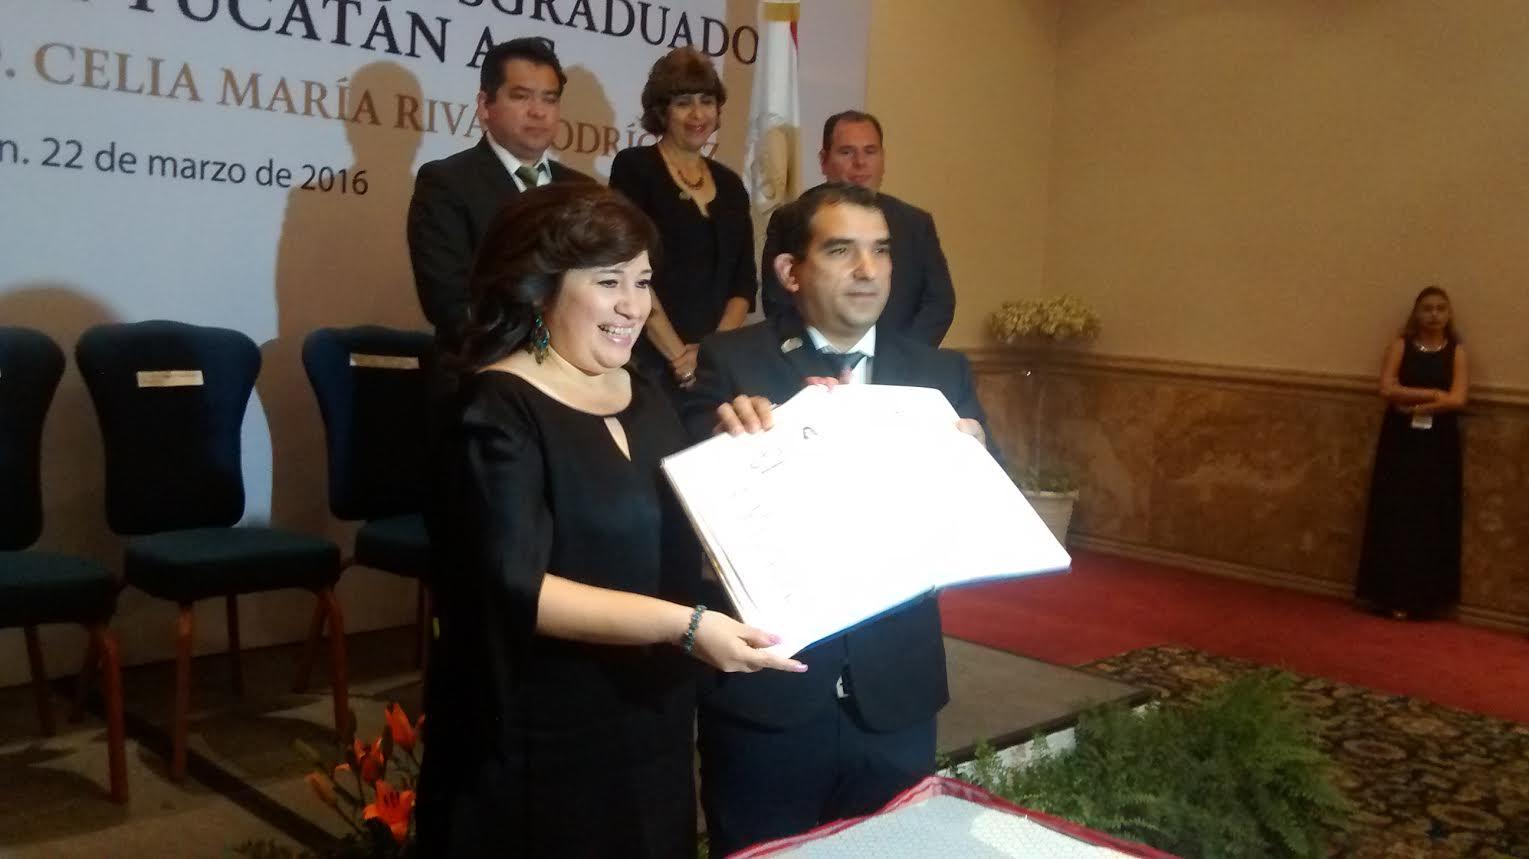 Nombran a Celia Rivas miembro honorario del Colegio de Posgraduados